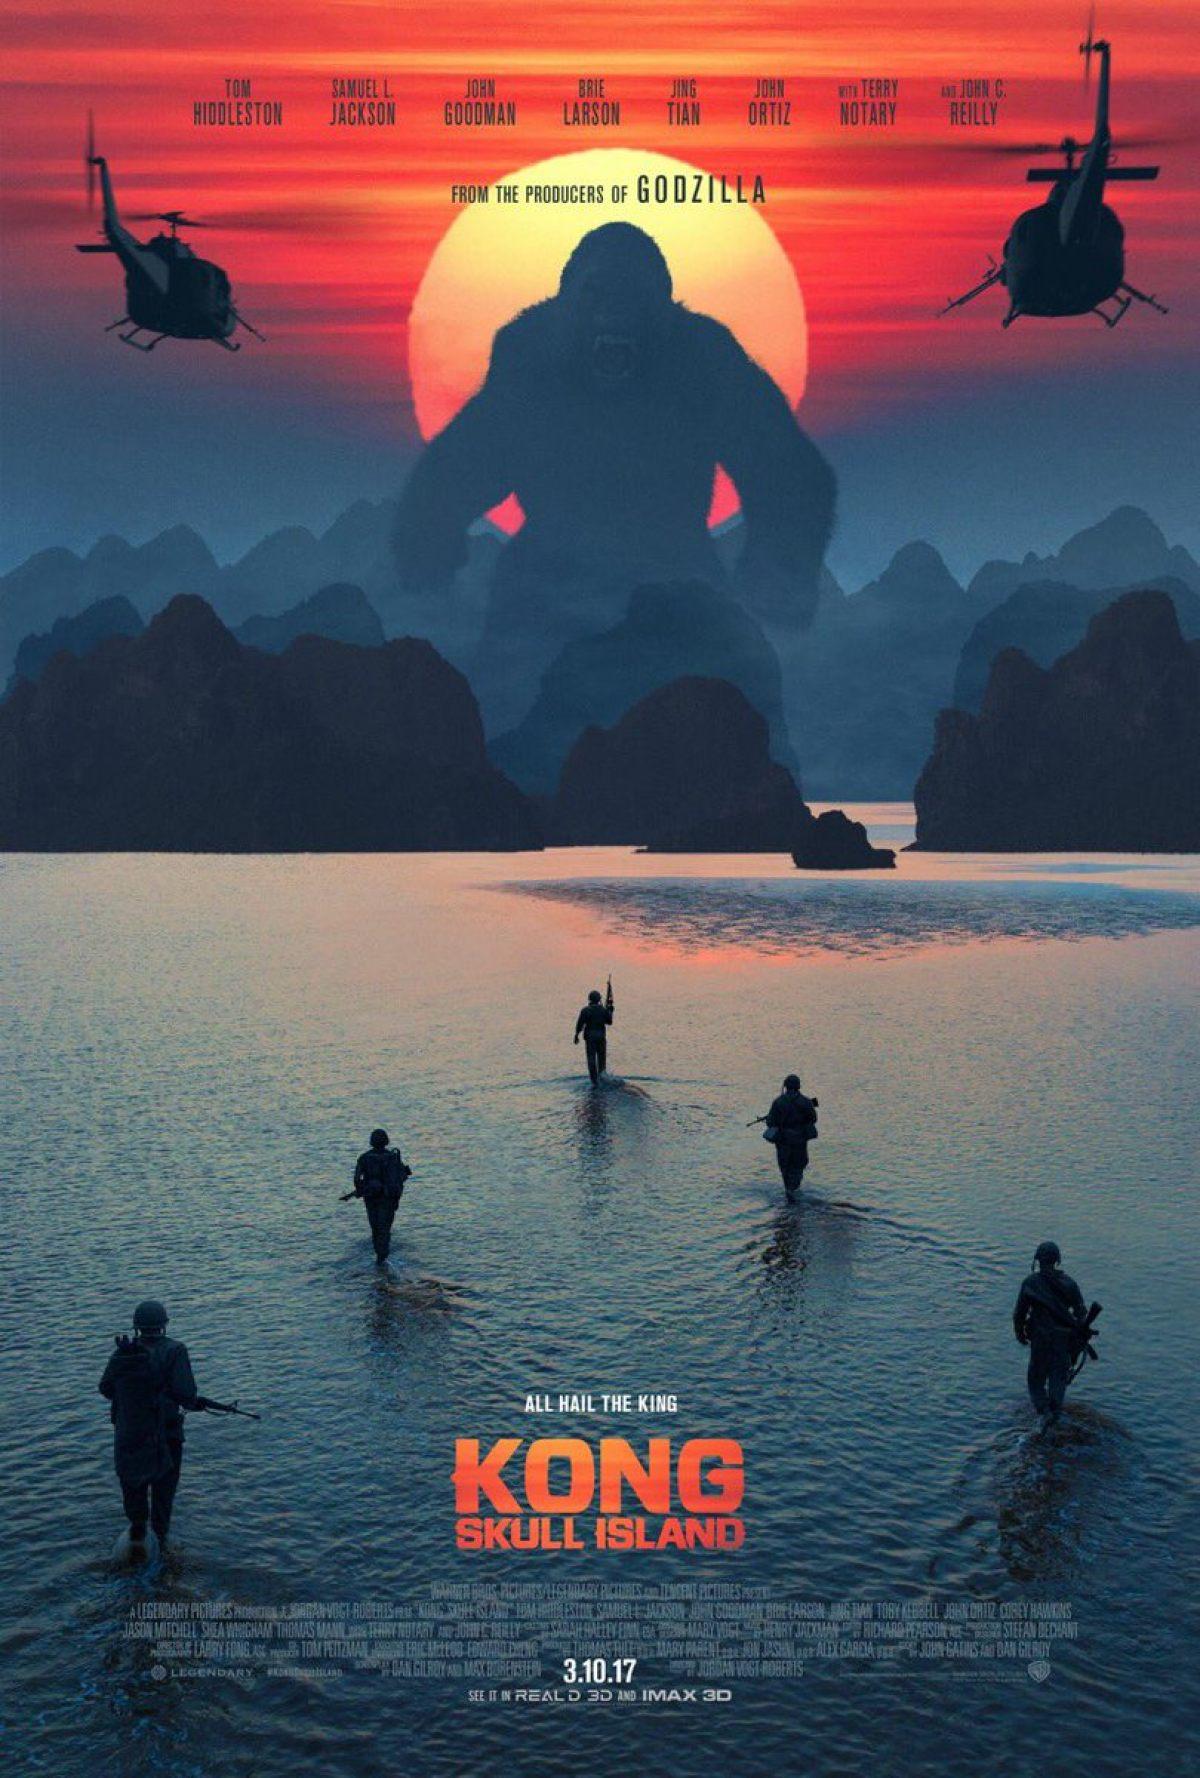 Kết quả hình ảnh cho Kong: Skull Island poster